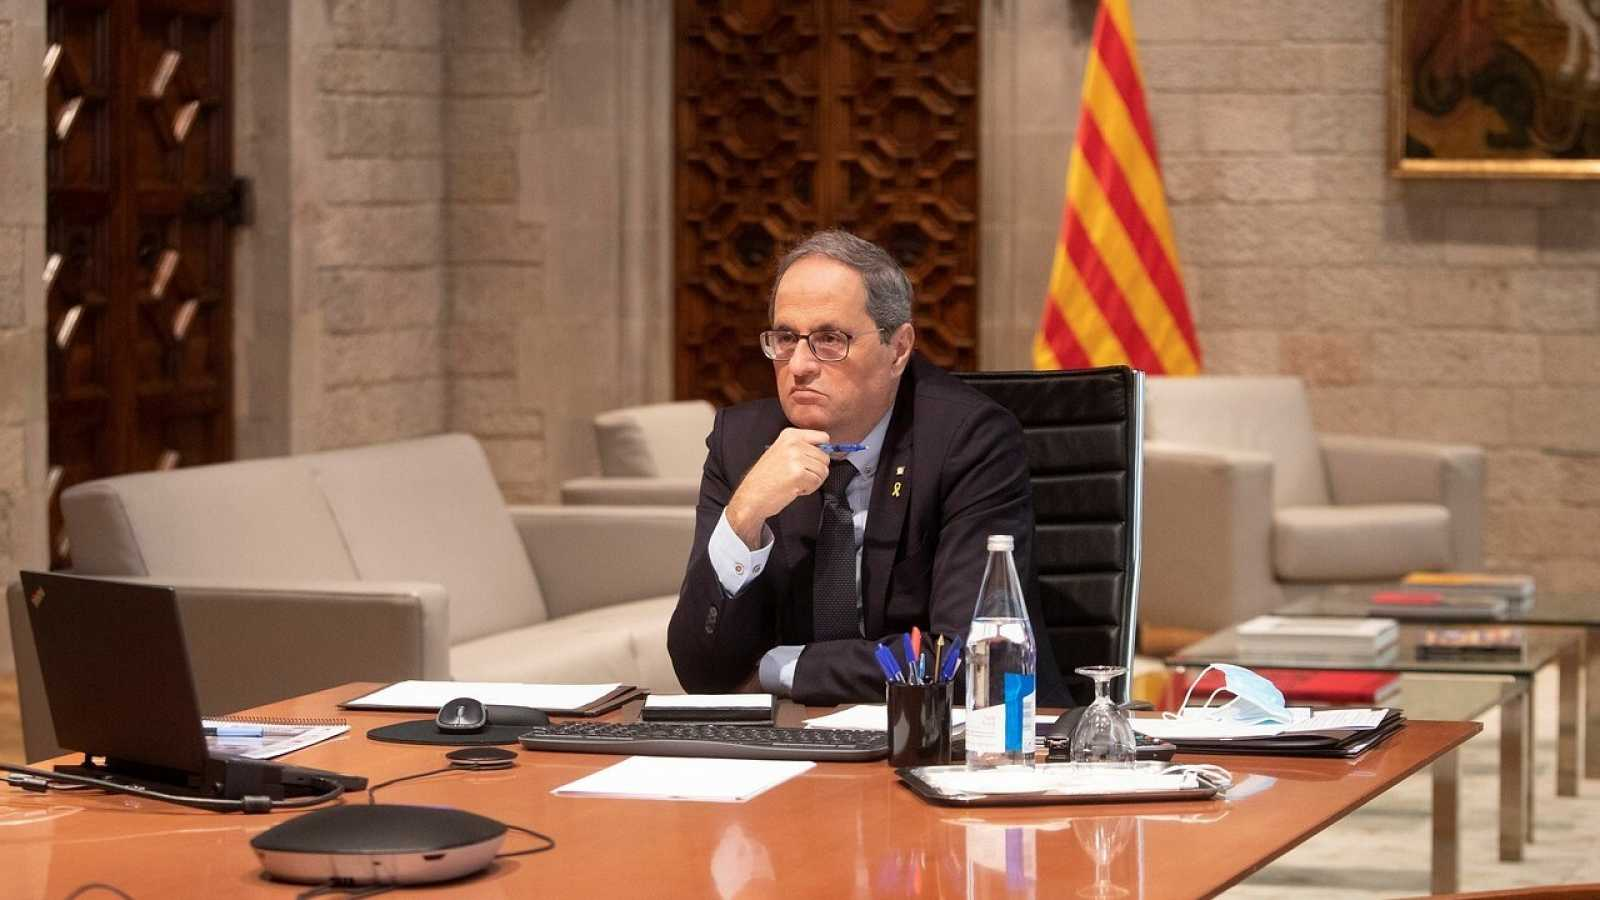 El presidente de la Generalitat, Quim Torra, durante una reunión telemática